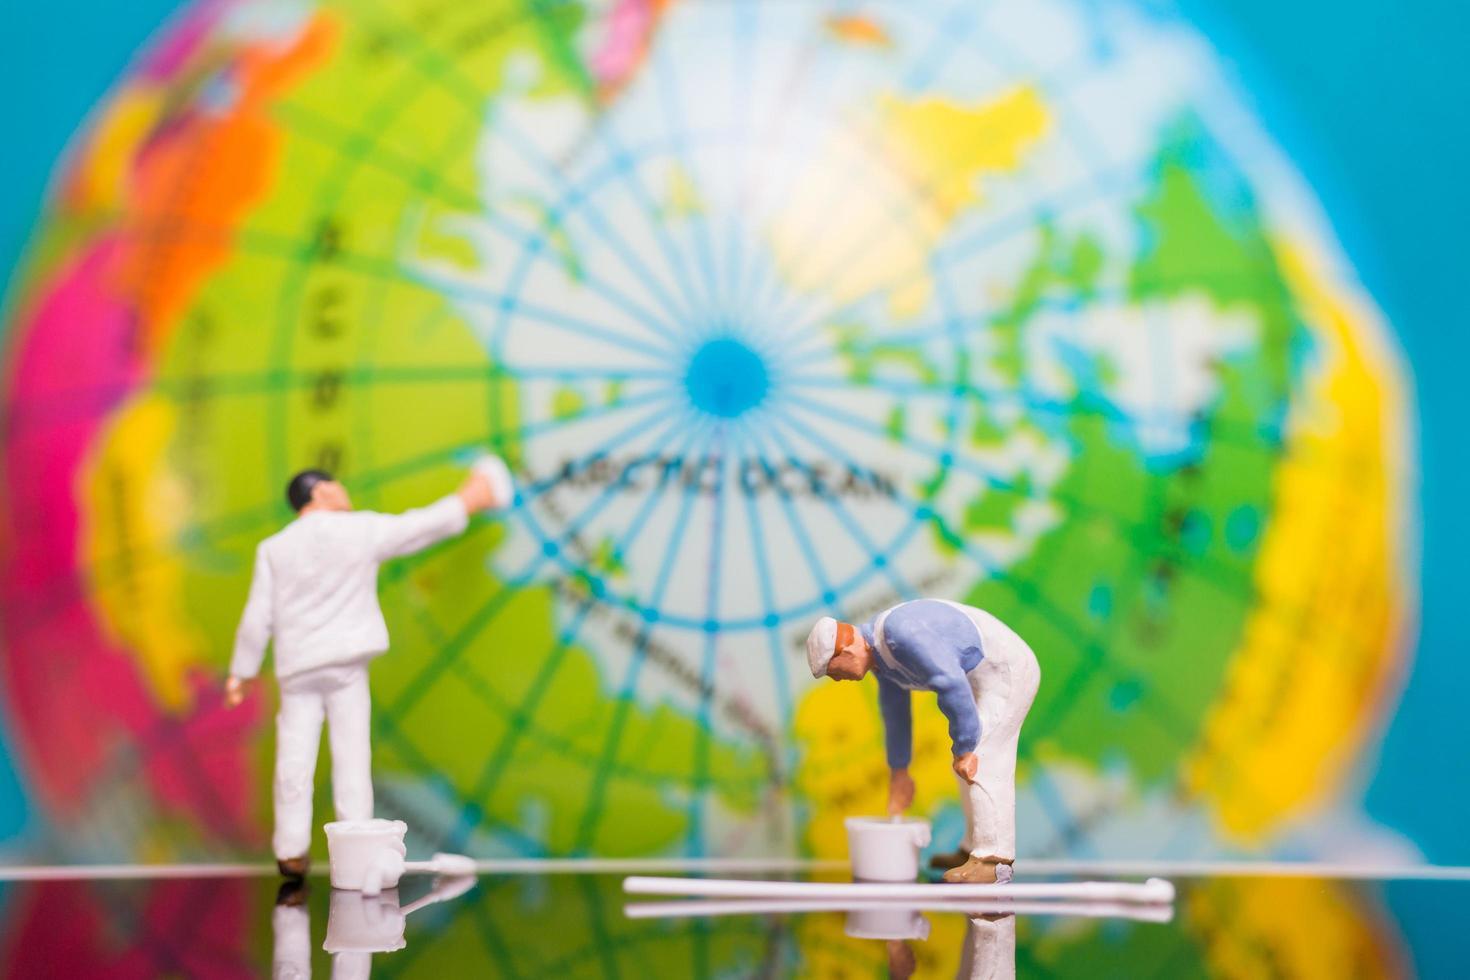 Peintres miniatures peinture sur un globe, concept de jour de la terre photo